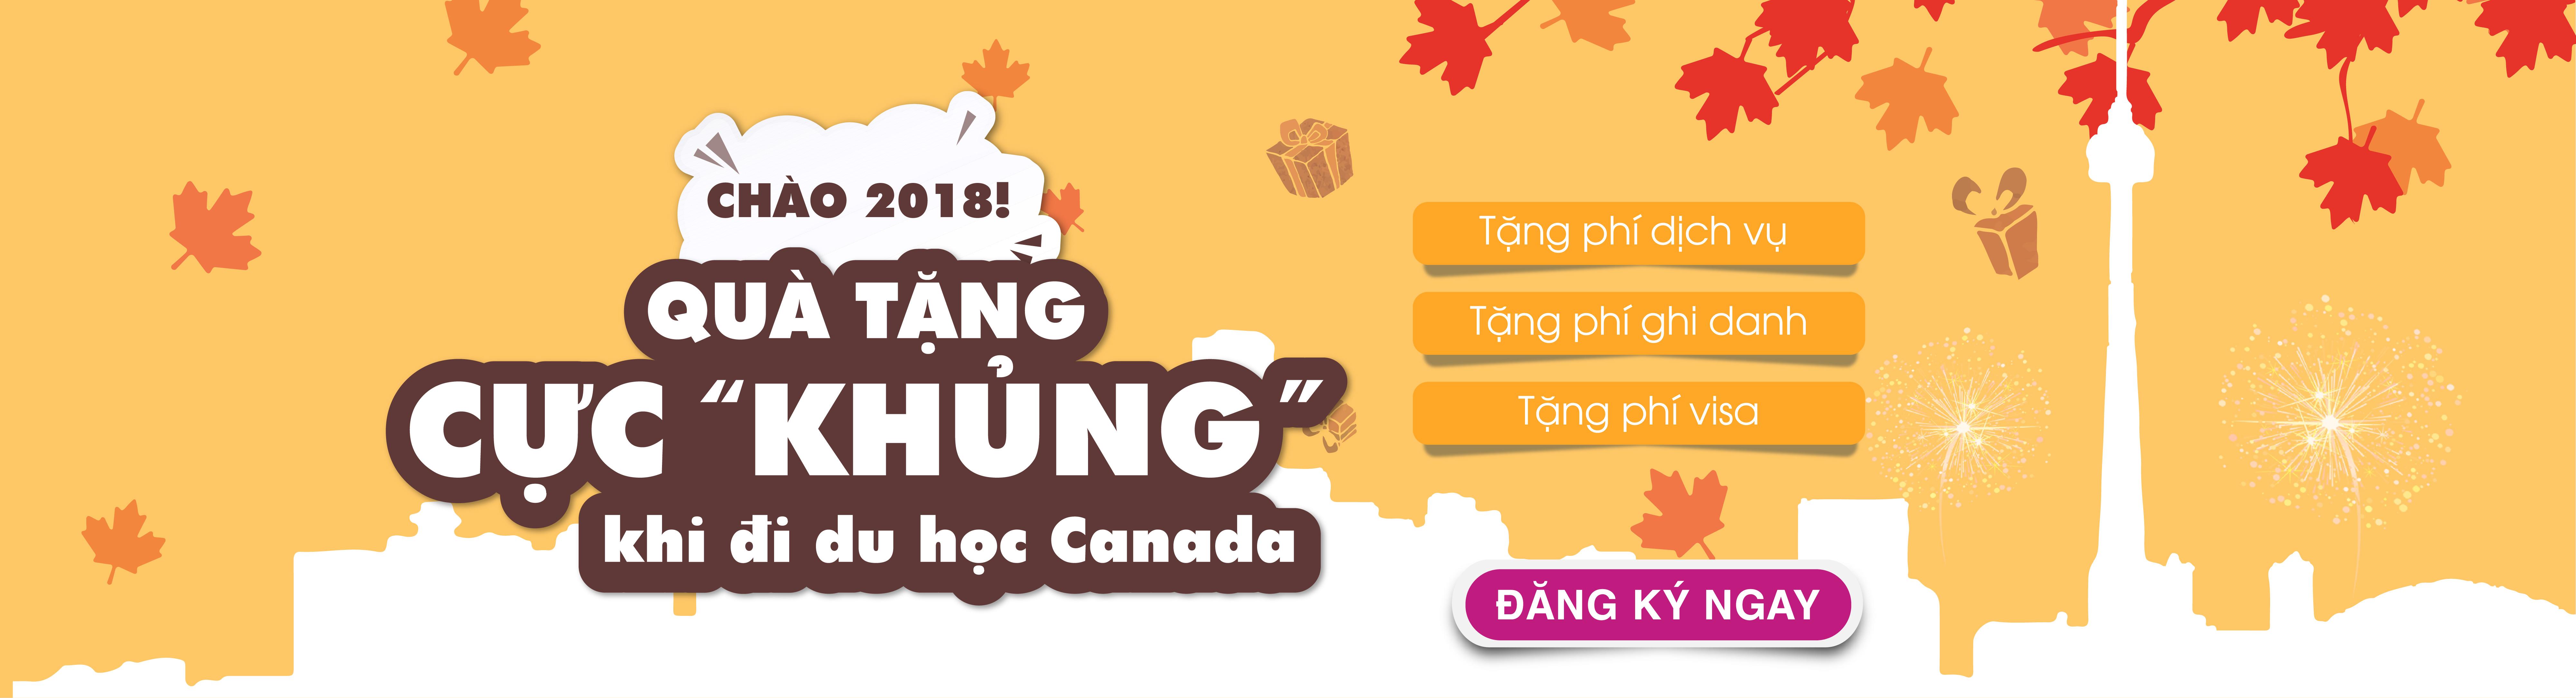 banner-qua-tang-du-hoc-canada